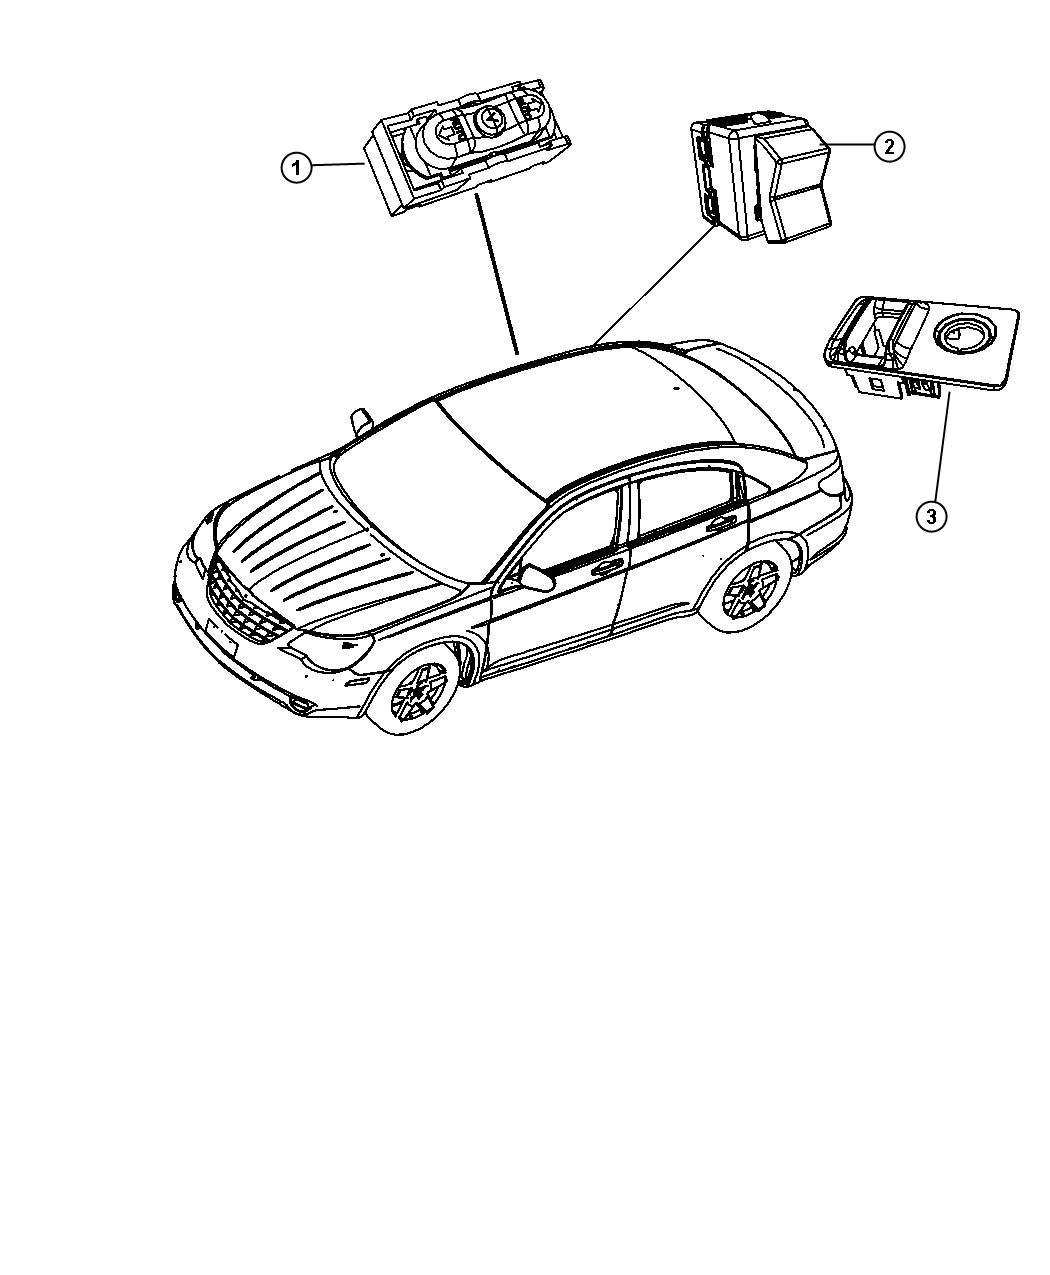 2010 Chrysler Sebring Bezel. Switch. [dv]. Trim: [all trim